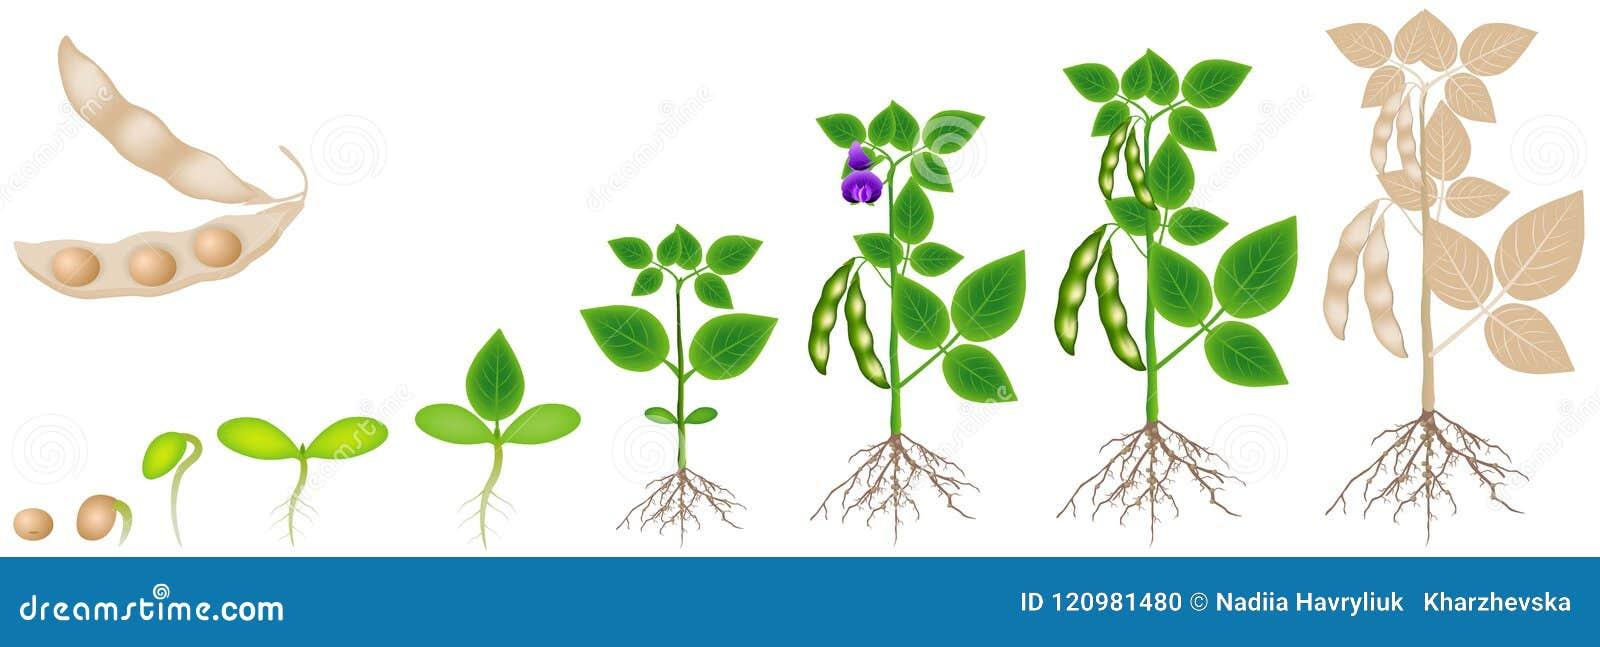 Cyclus van groei van sojabooninstallatie op witte achtergrond wordt de geïsoleerd die